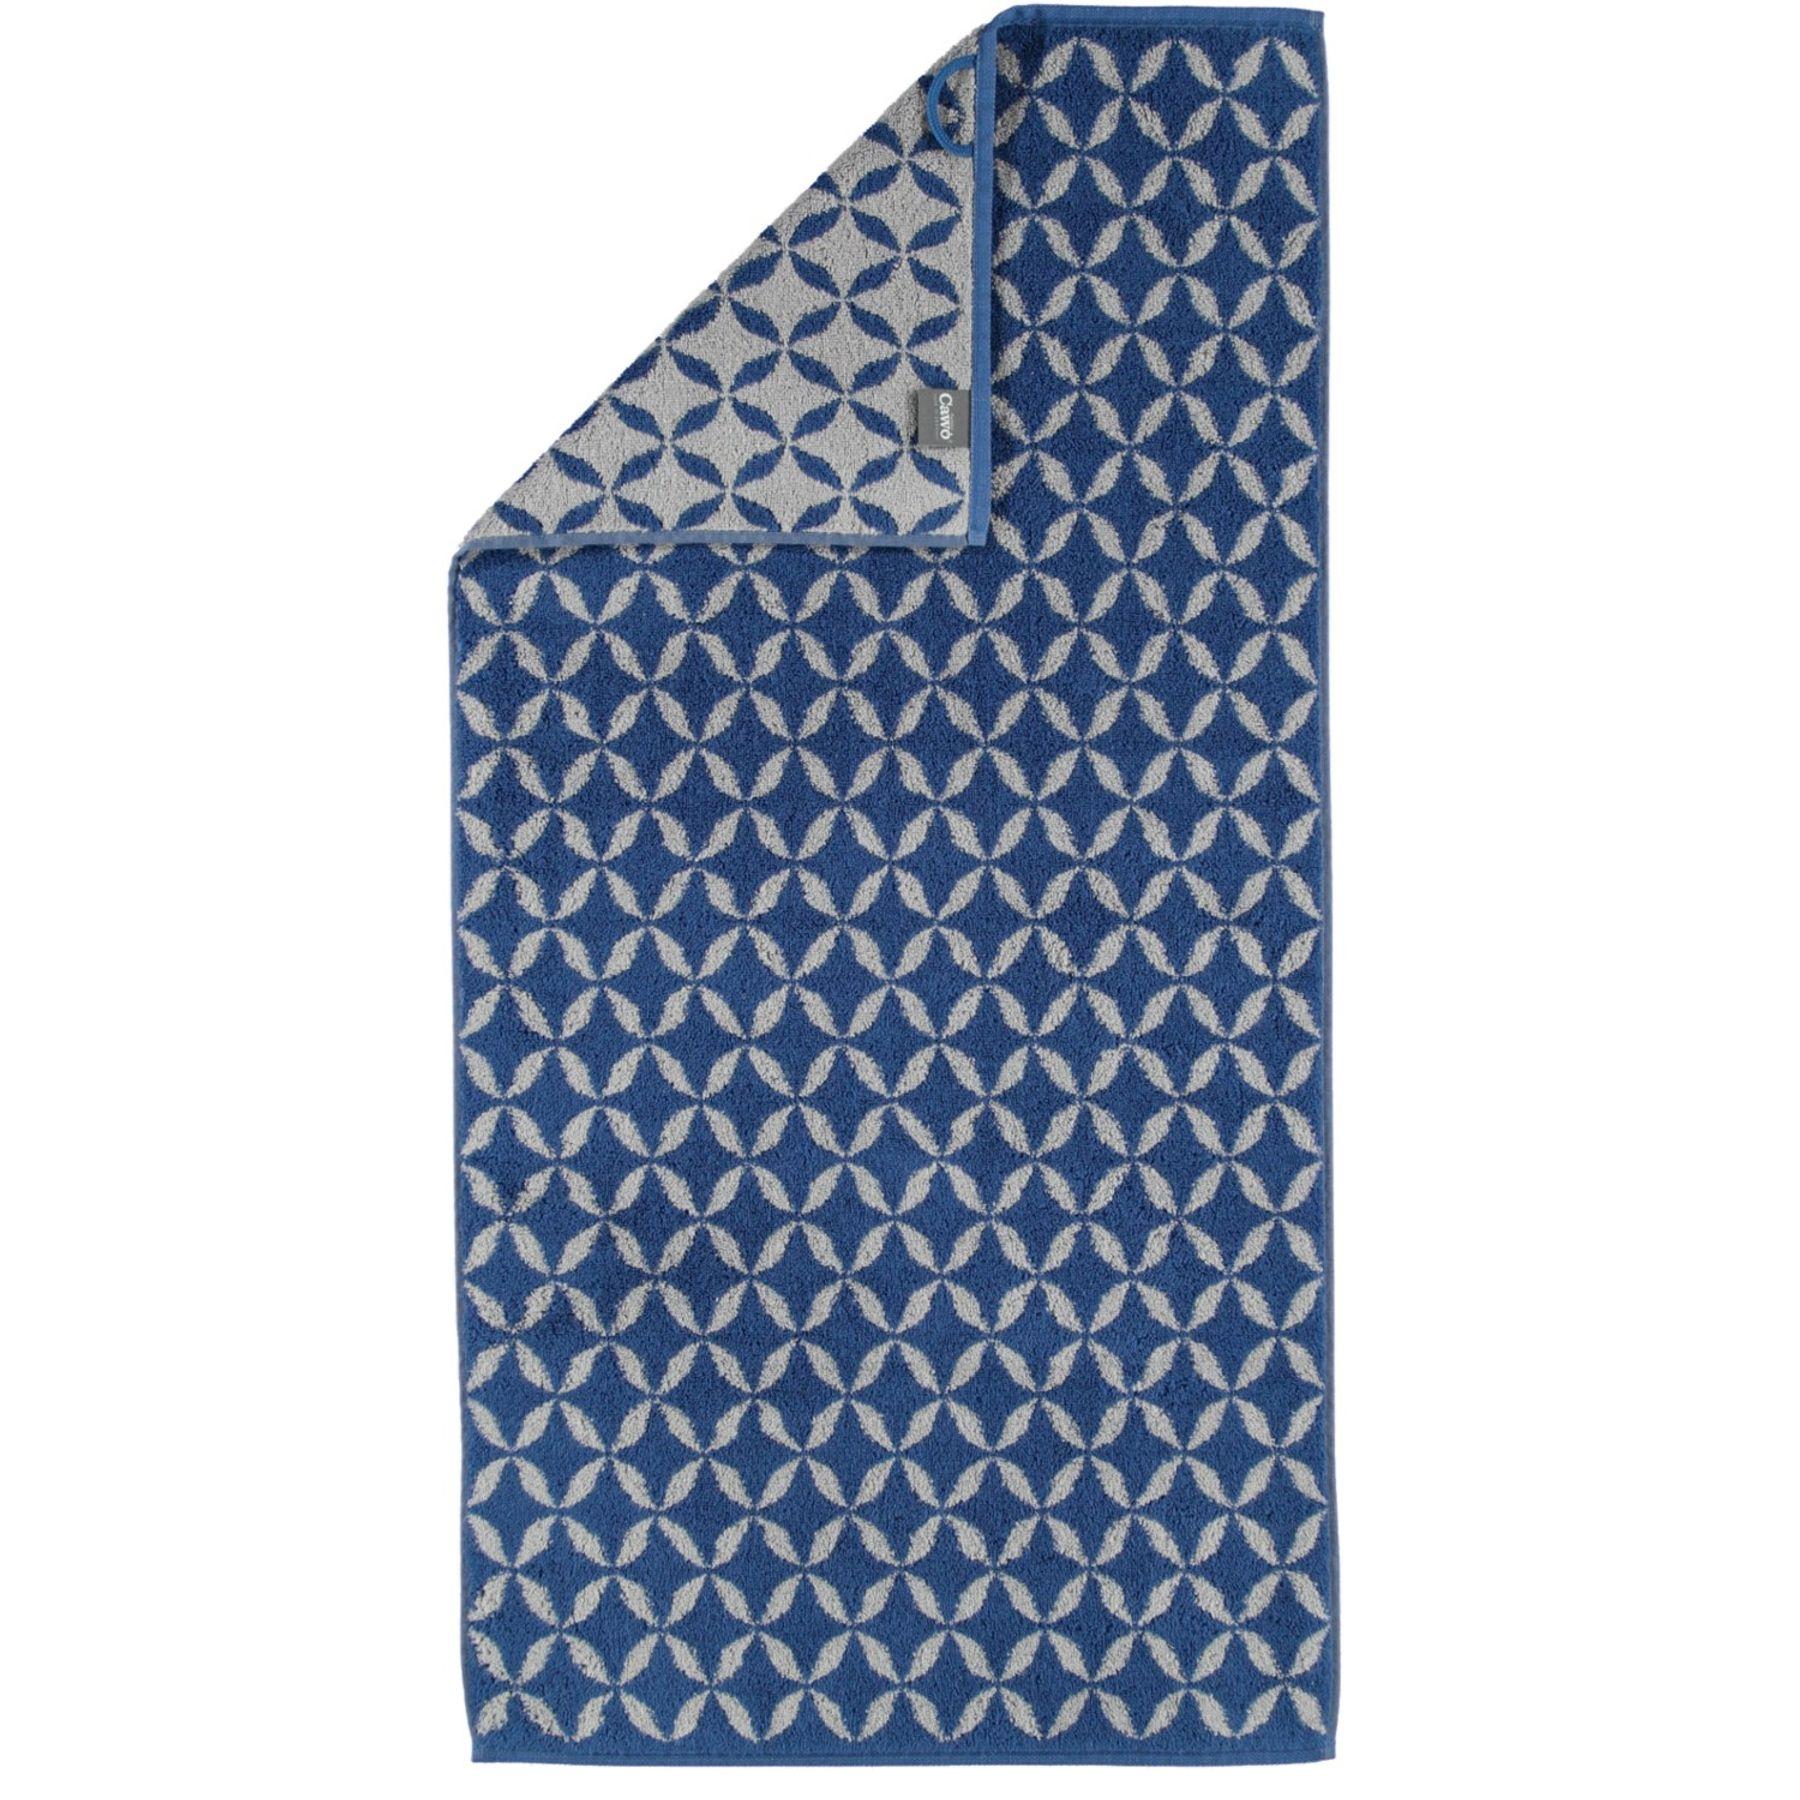 Cawö - Frottier Handtuch im Shades/ Ornament Muster in verschiedenen Farben und Größen (597) – Bild 1